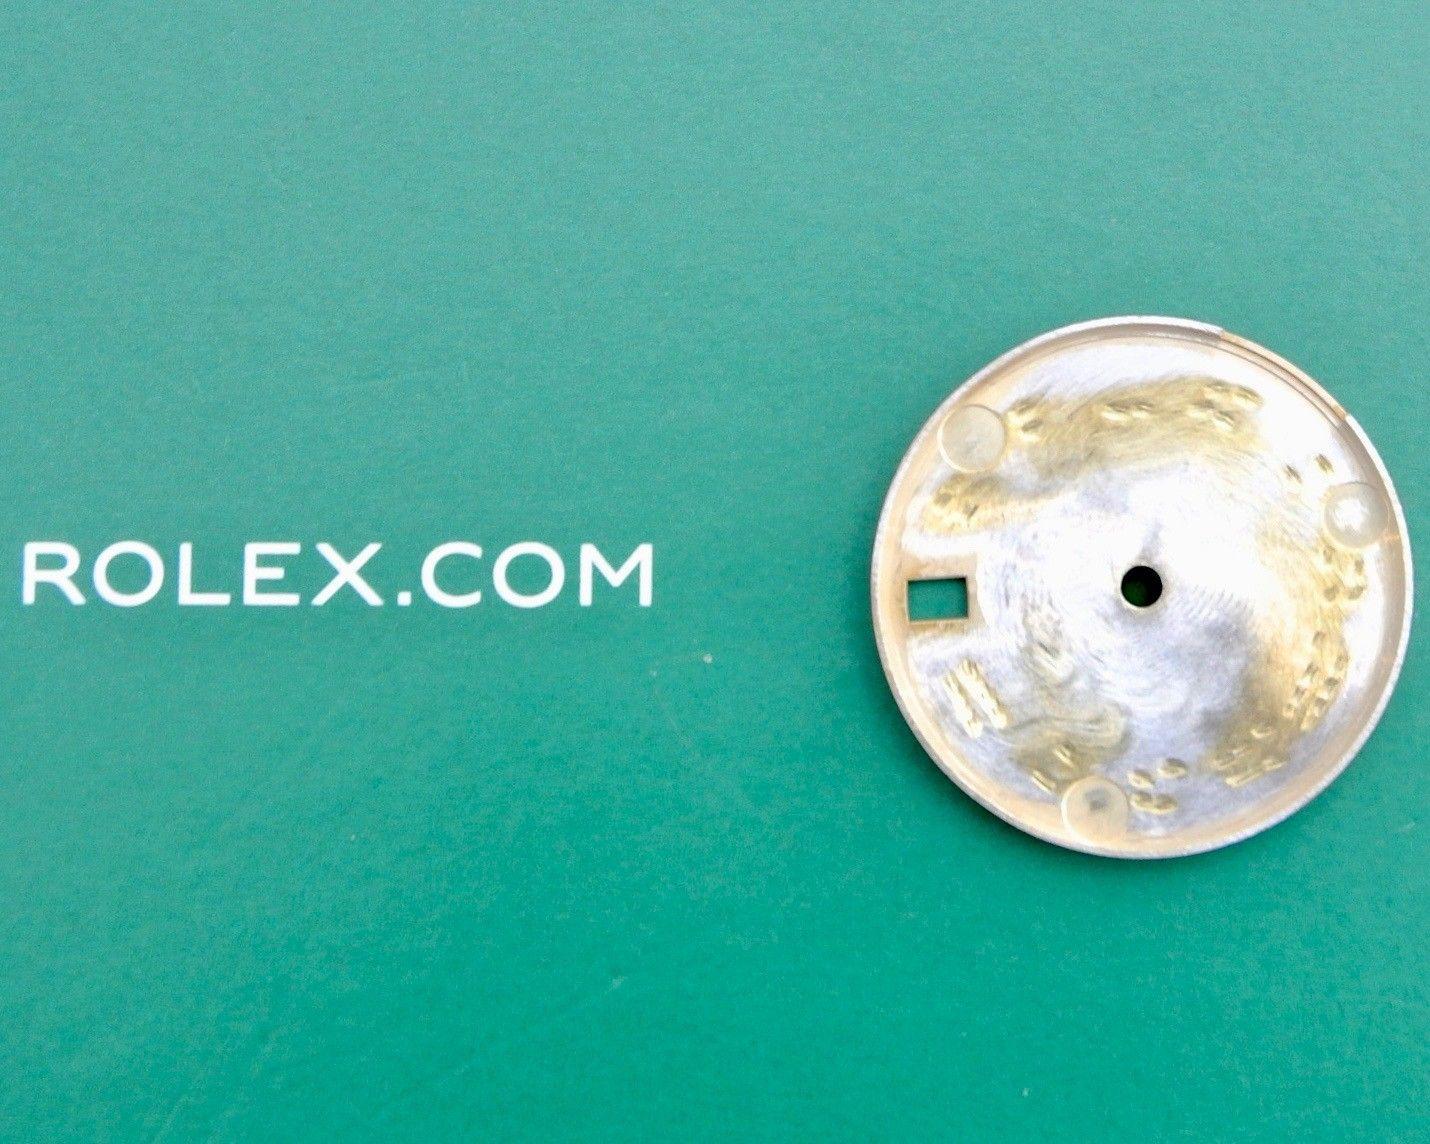 Rolex Quadrante datejust 31 mm 68273-68278-178273-178243 originale